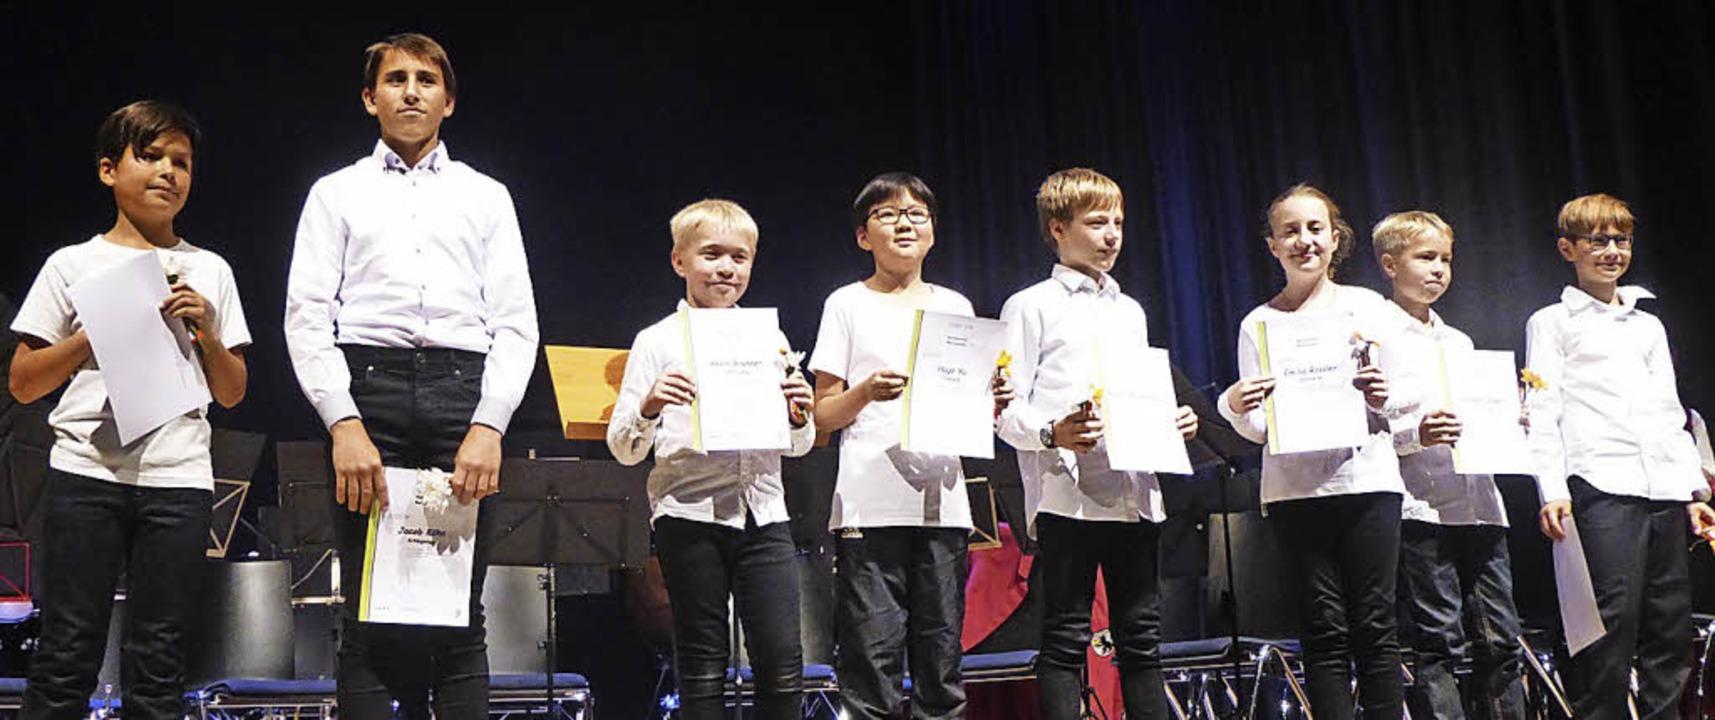 Hochmotiviert: der Nachwuchs im Musikv...nden für die erste bestandene Prüfung.    Foto: Anne Freyer